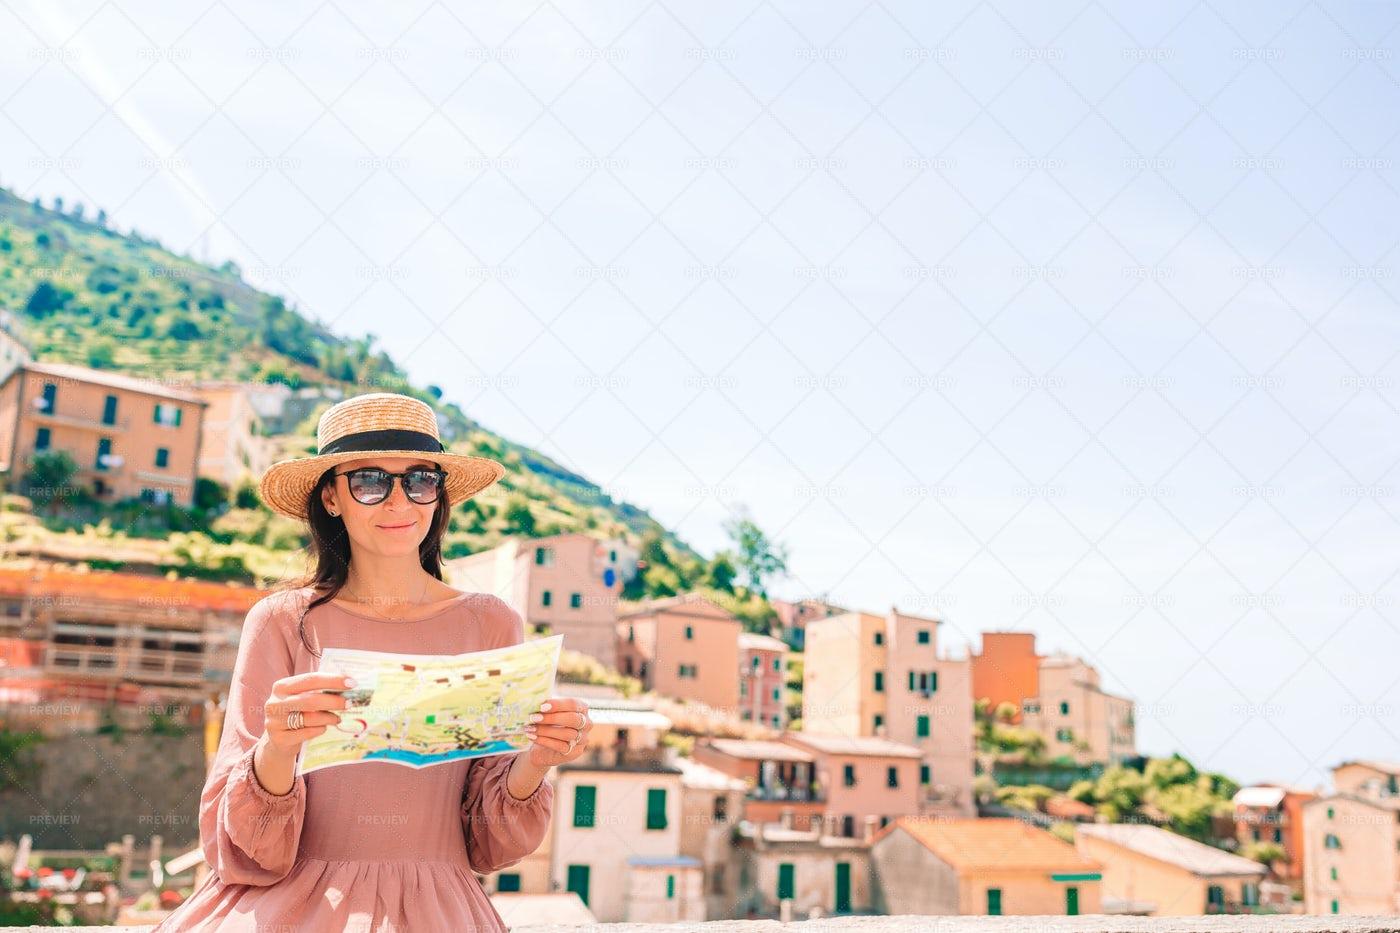 Tourist With Map In Riomaggiore: Stock Photos